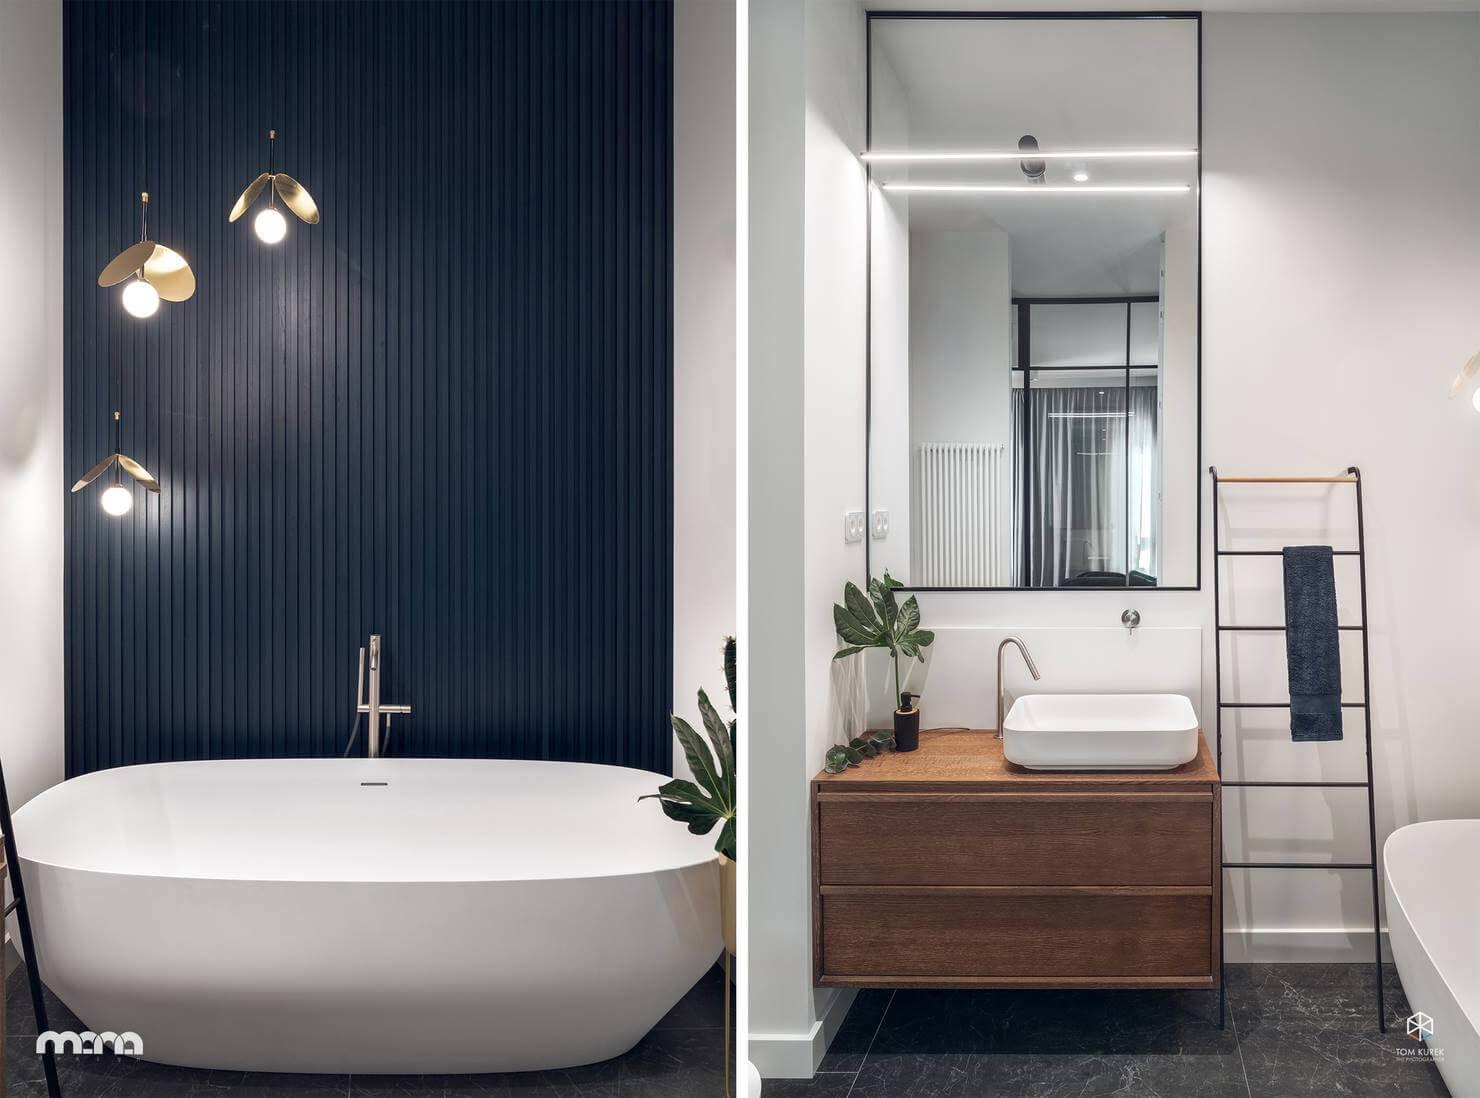 Цветовая гамма и стилистика интерьера спальни плавно «перетекает» в ванную комнату